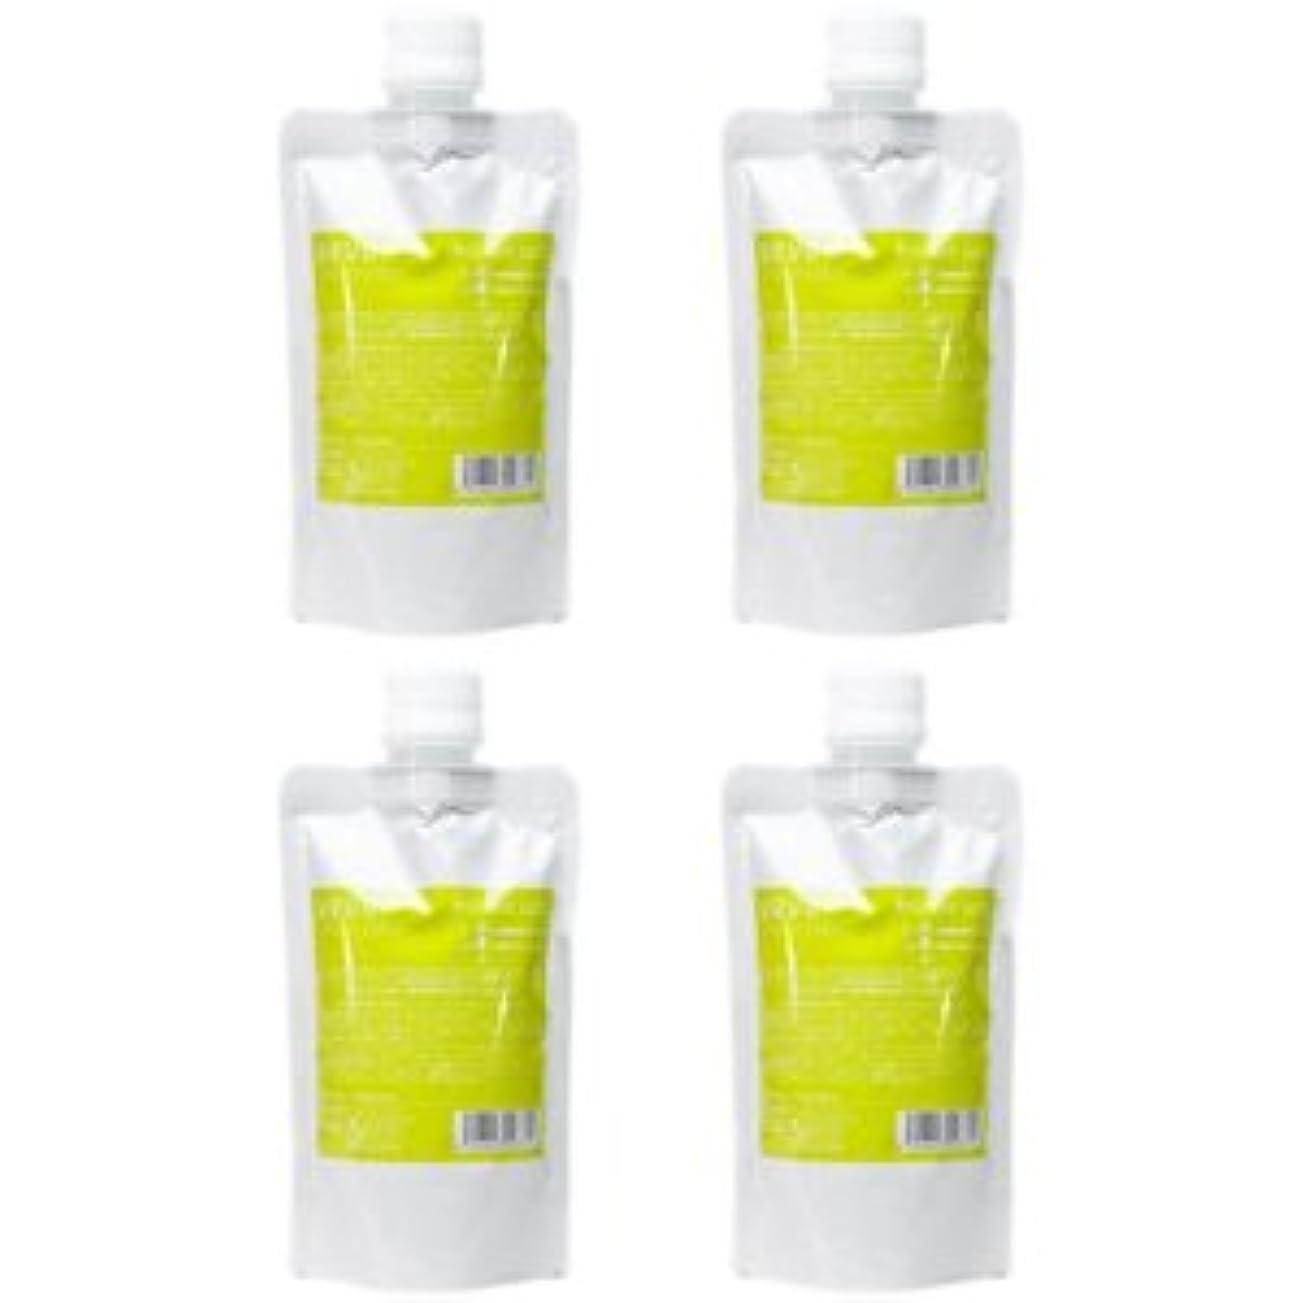 よろめく桃彼【X4個セット】 デミ ウェーボ デザインキューブ エアルーズワックス 200g 業務用 airloose wax DEMI uevo design cube